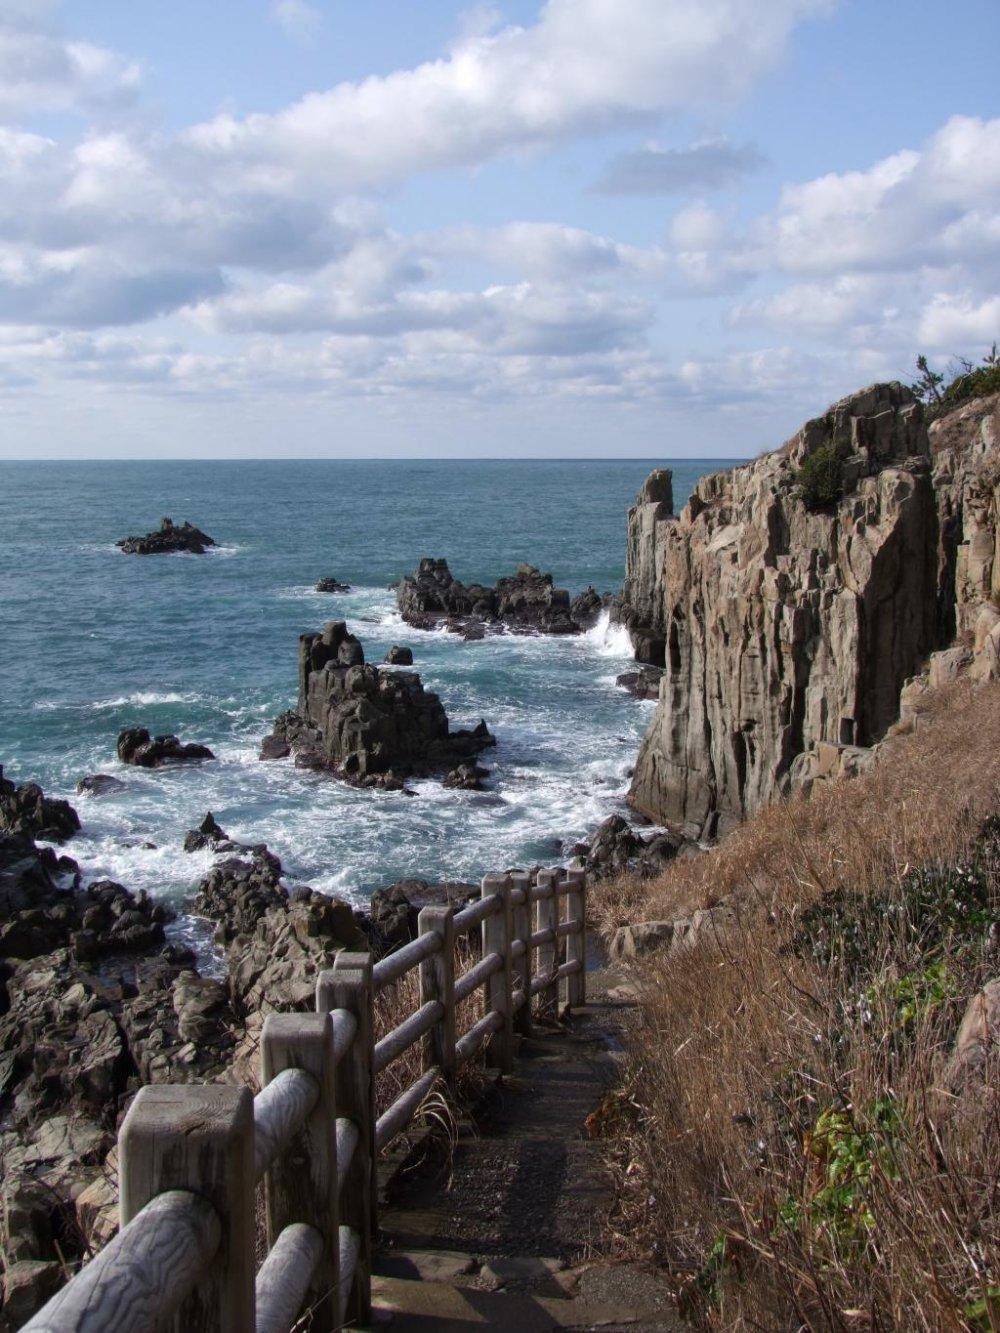 Путь вдоль утесов, отсюда открывается восхитительный вид на скалы и море.